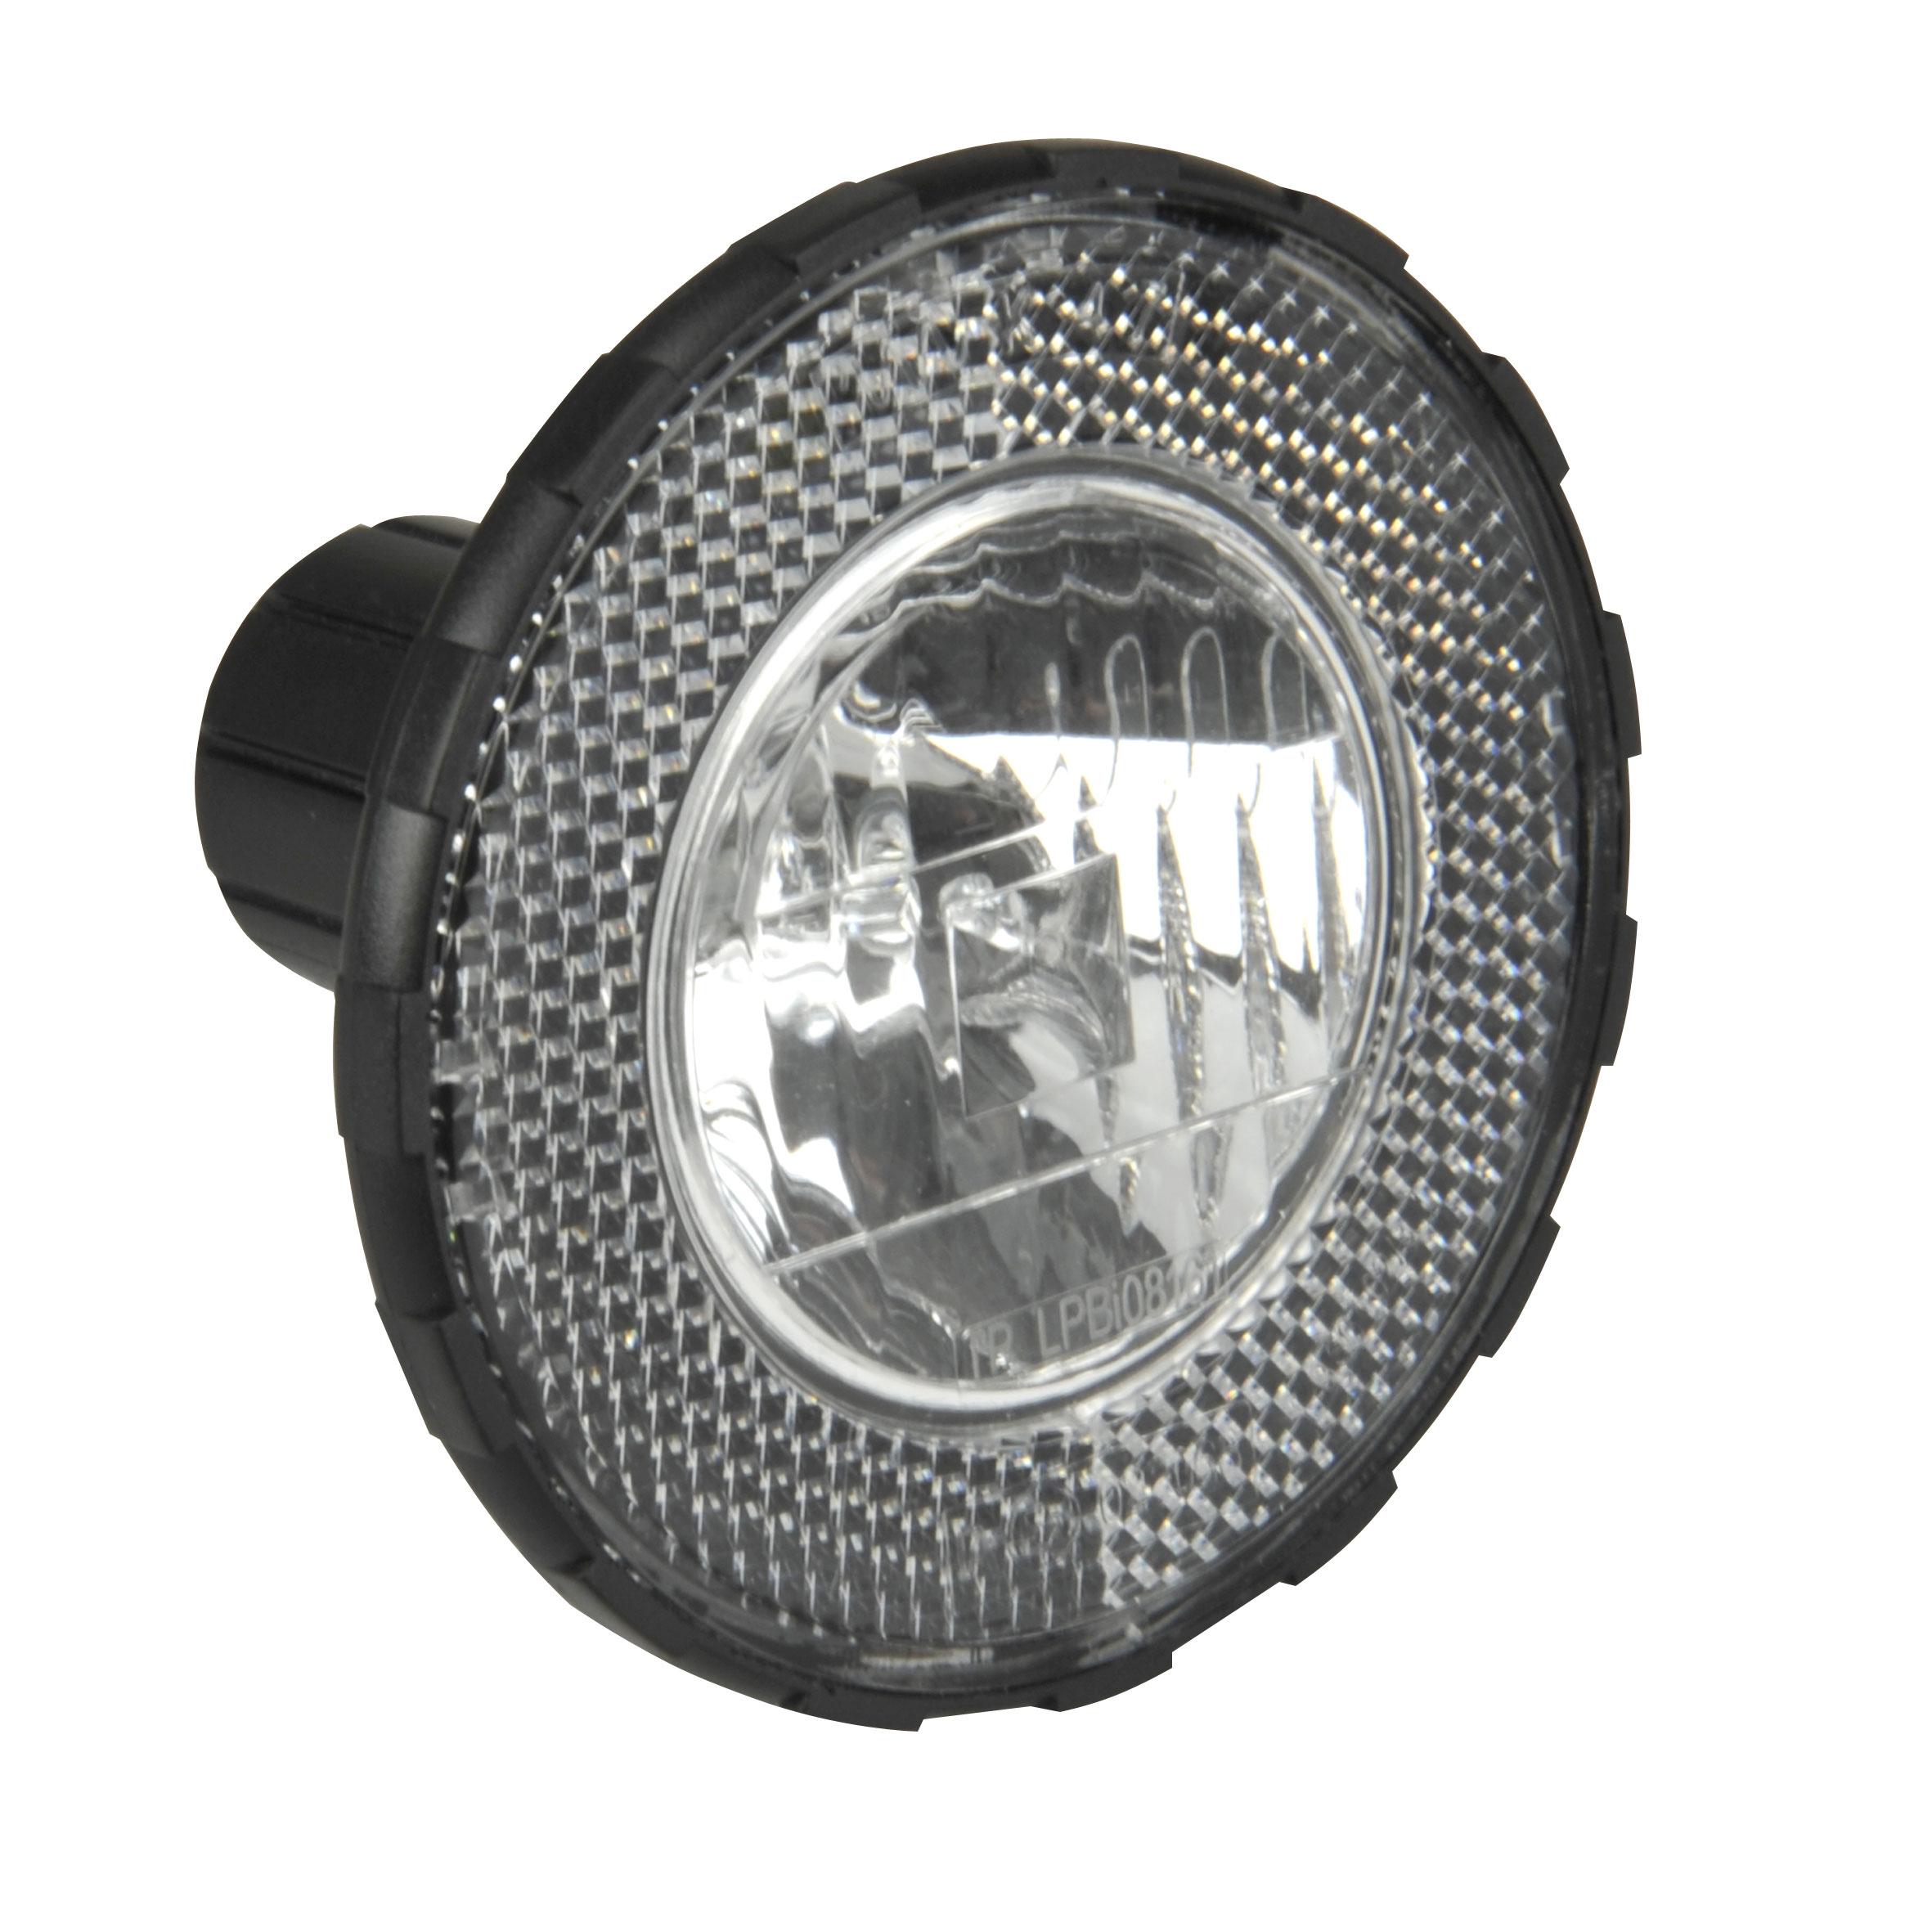 Fischer Fahrradbeleuchtung Dynamo / Halogen-Scheinwerfer Bild 1